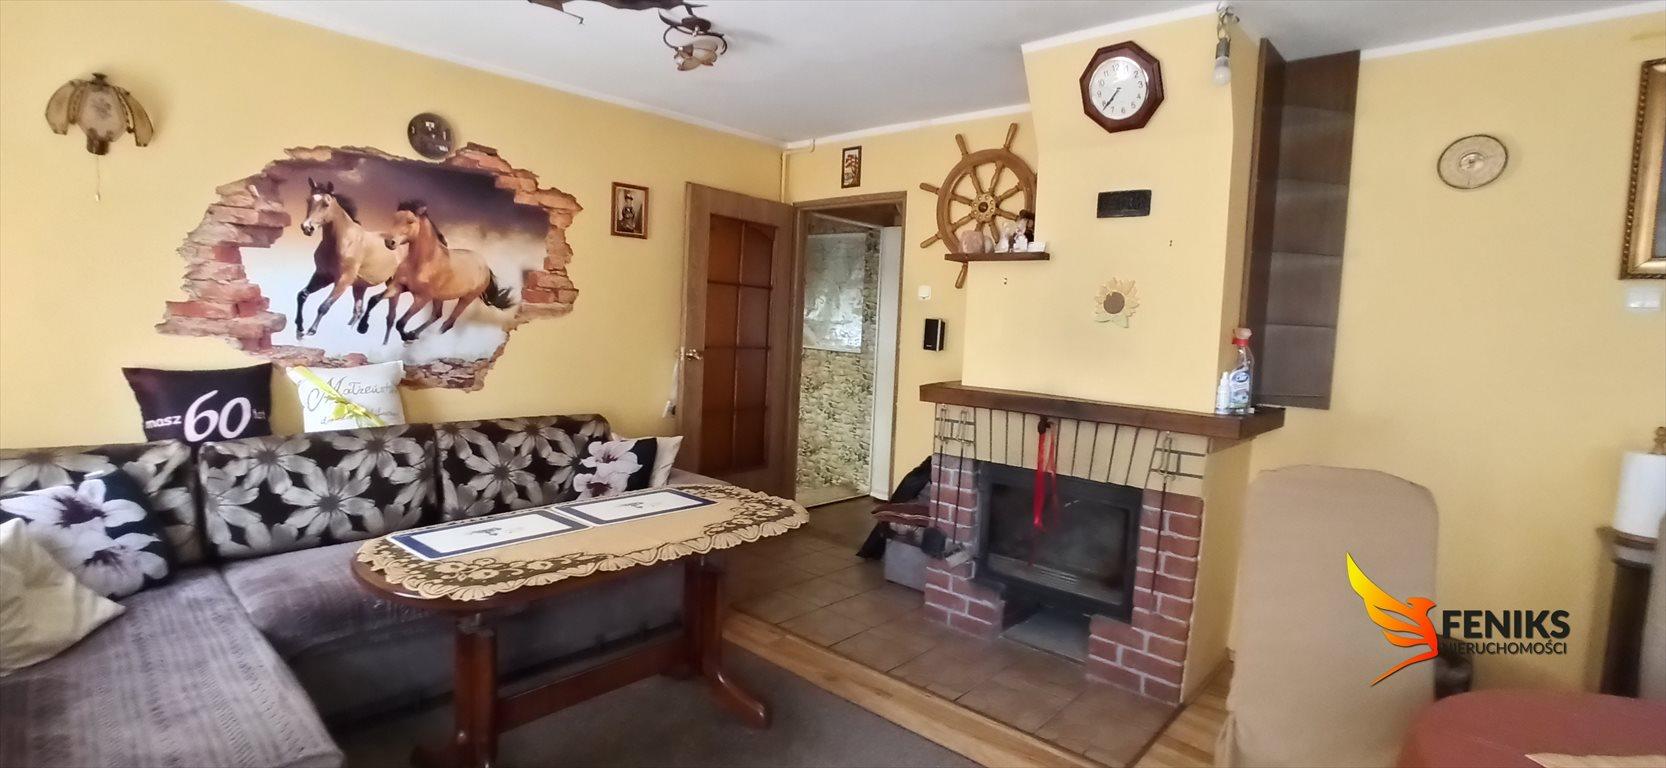 Dom na sprzedaż Elbląg, Skrzydlata  120m2 Foto 7